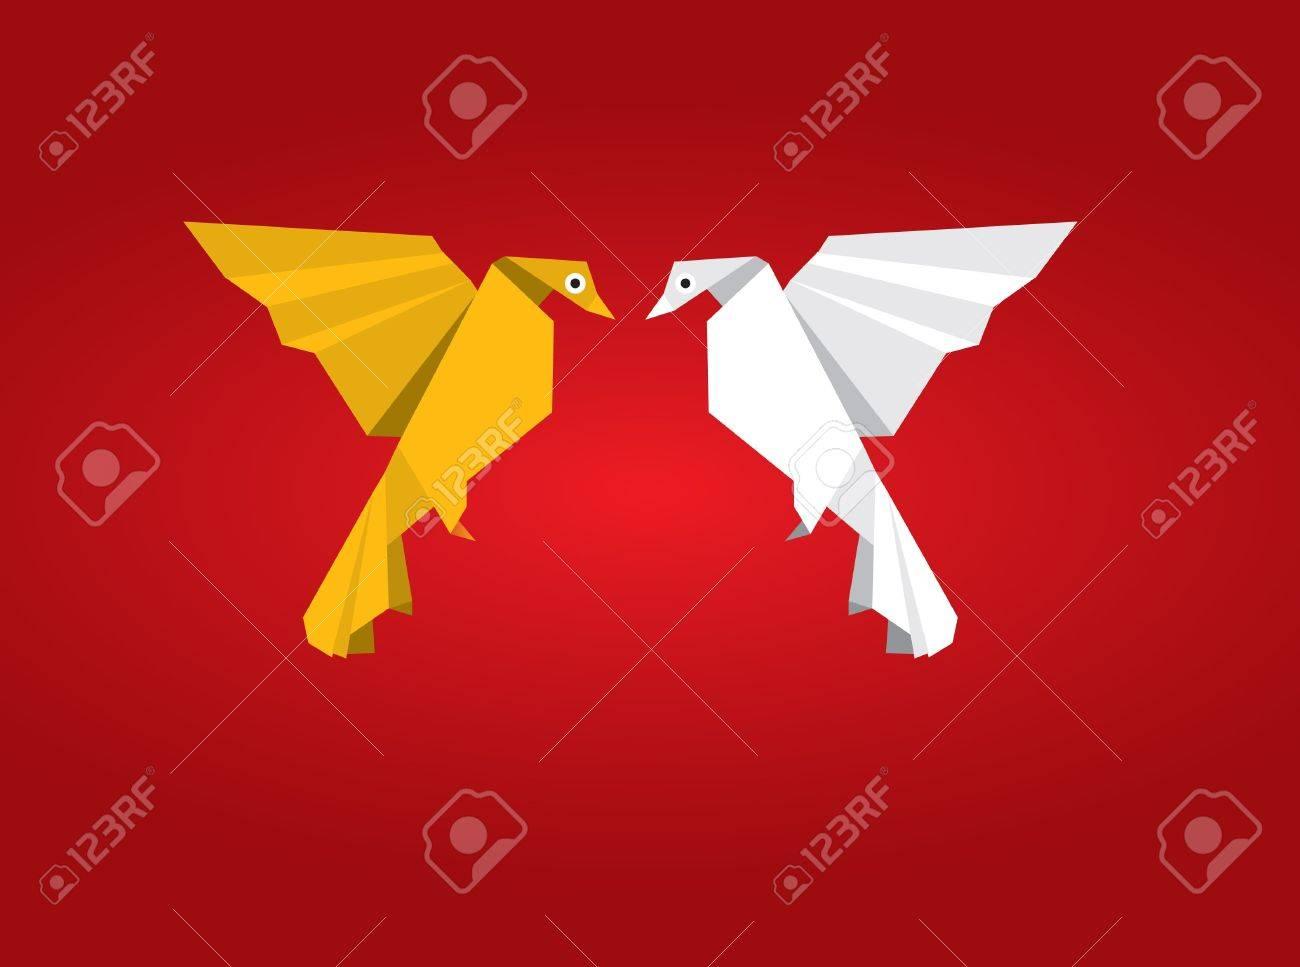 Origami Couple Bird Stock Vector - 10415624